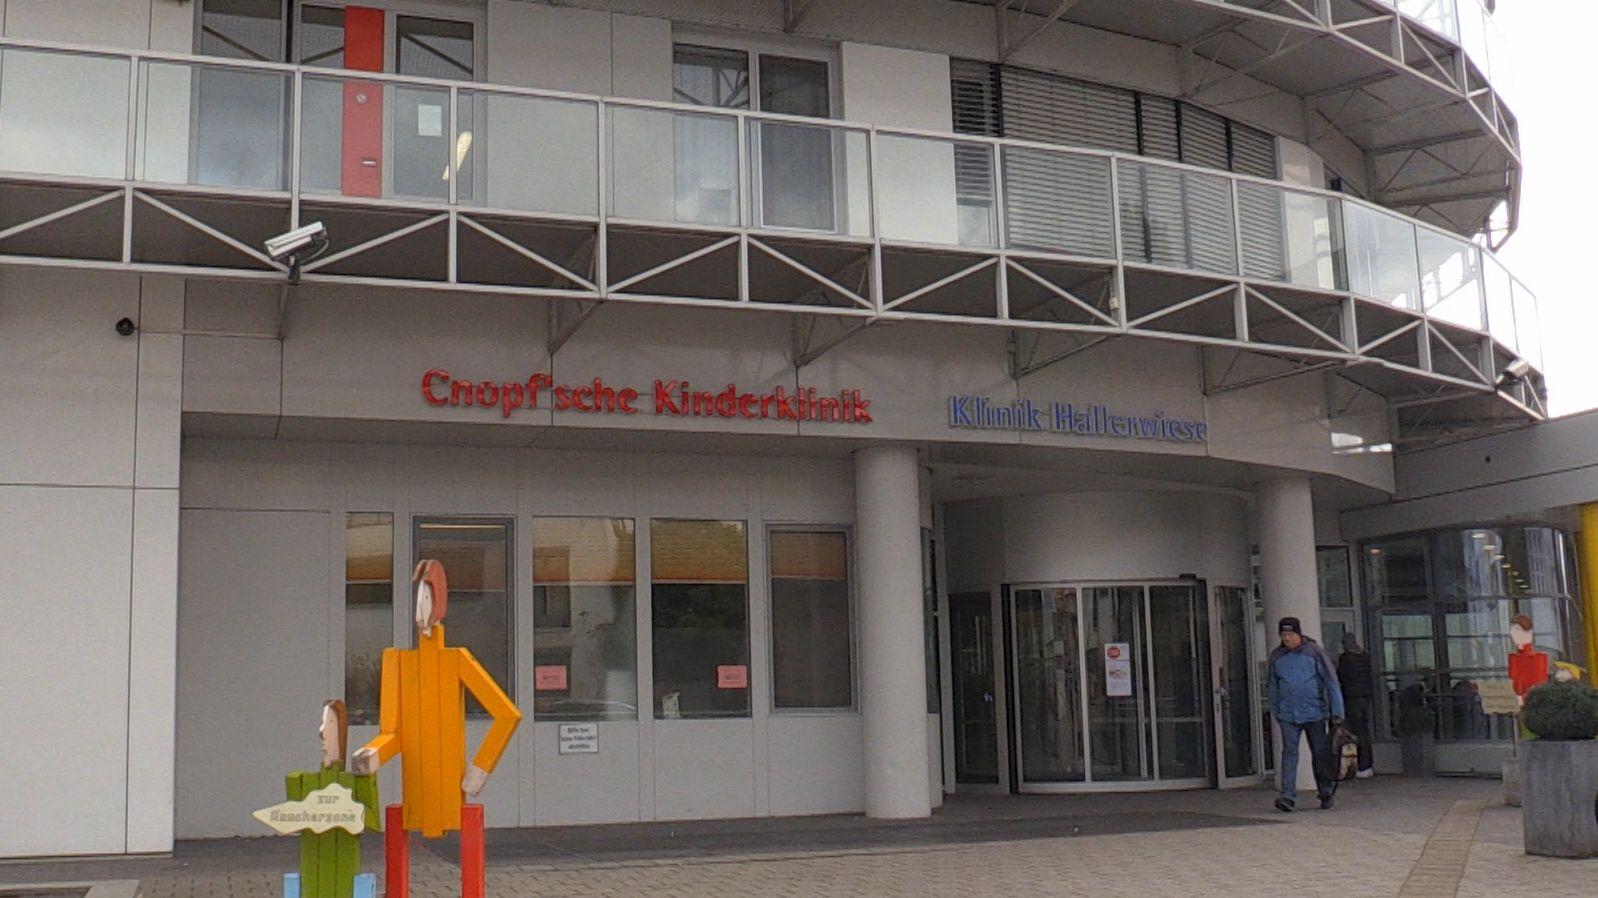 Cnopf'sche Kinderklinik in Nürnberg